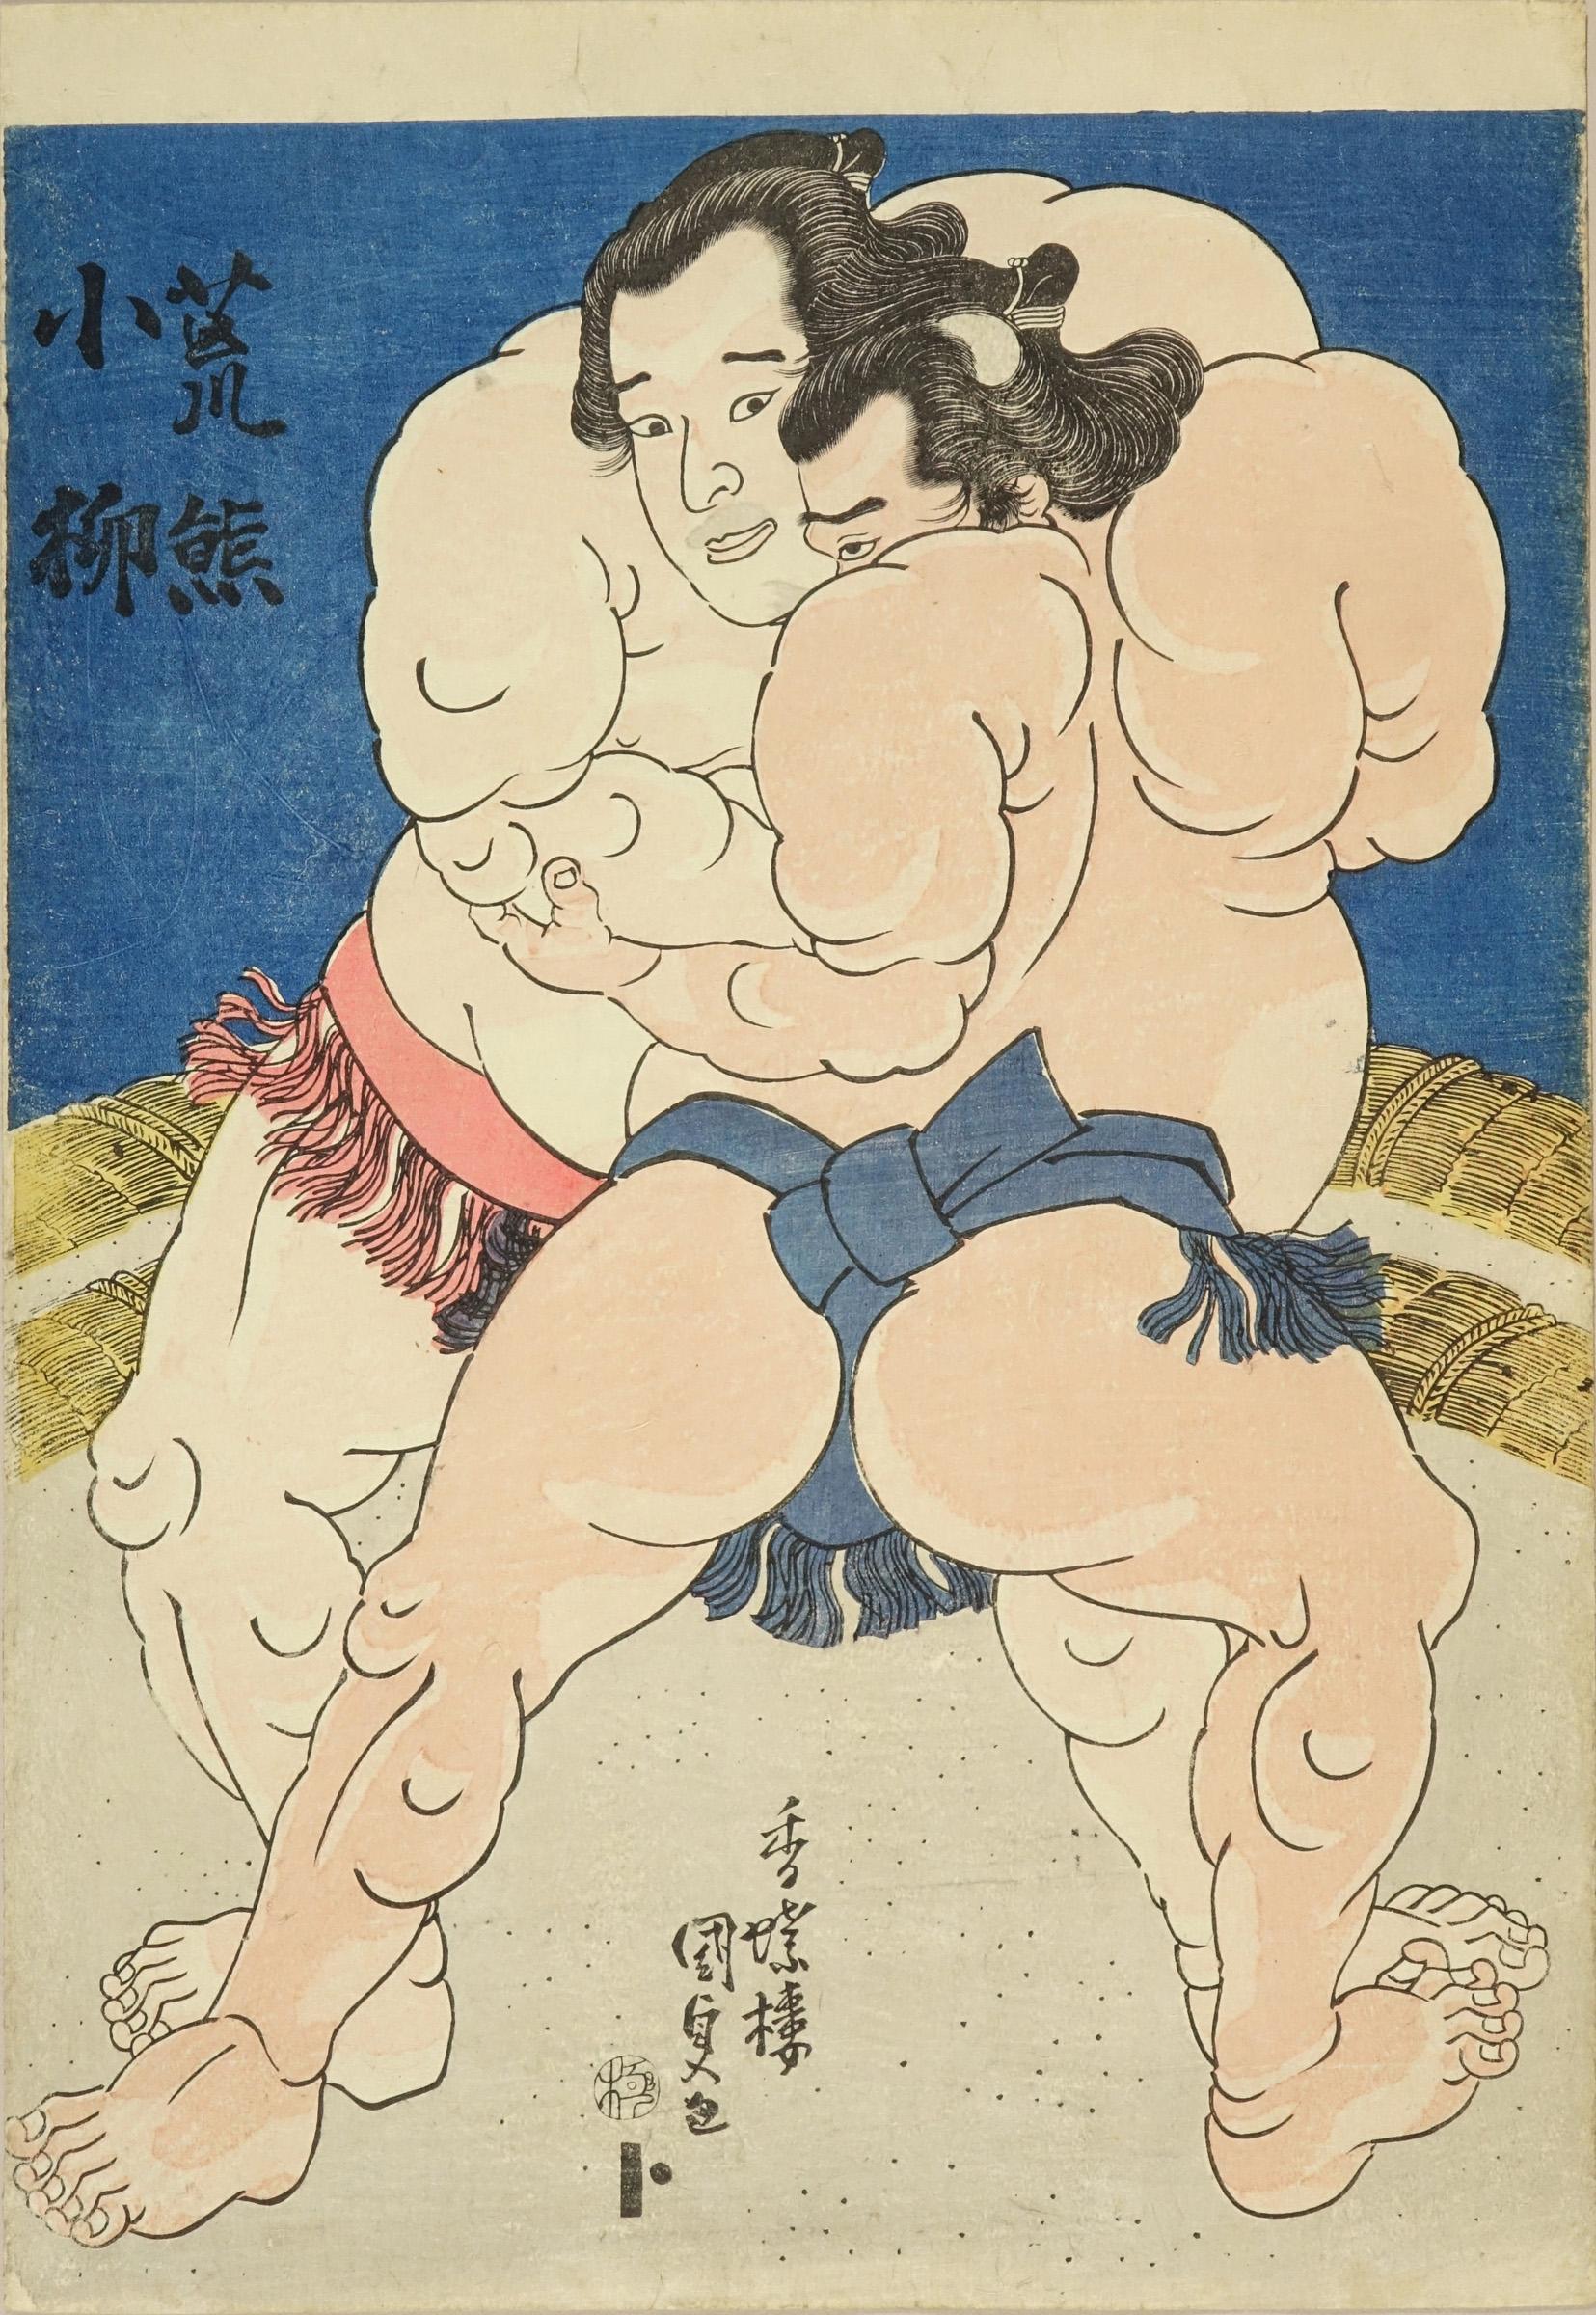 KUNISADA Sumo bout between Arakuma (Miyagi Pref.) and Koyanagi (Shiga Pref.)